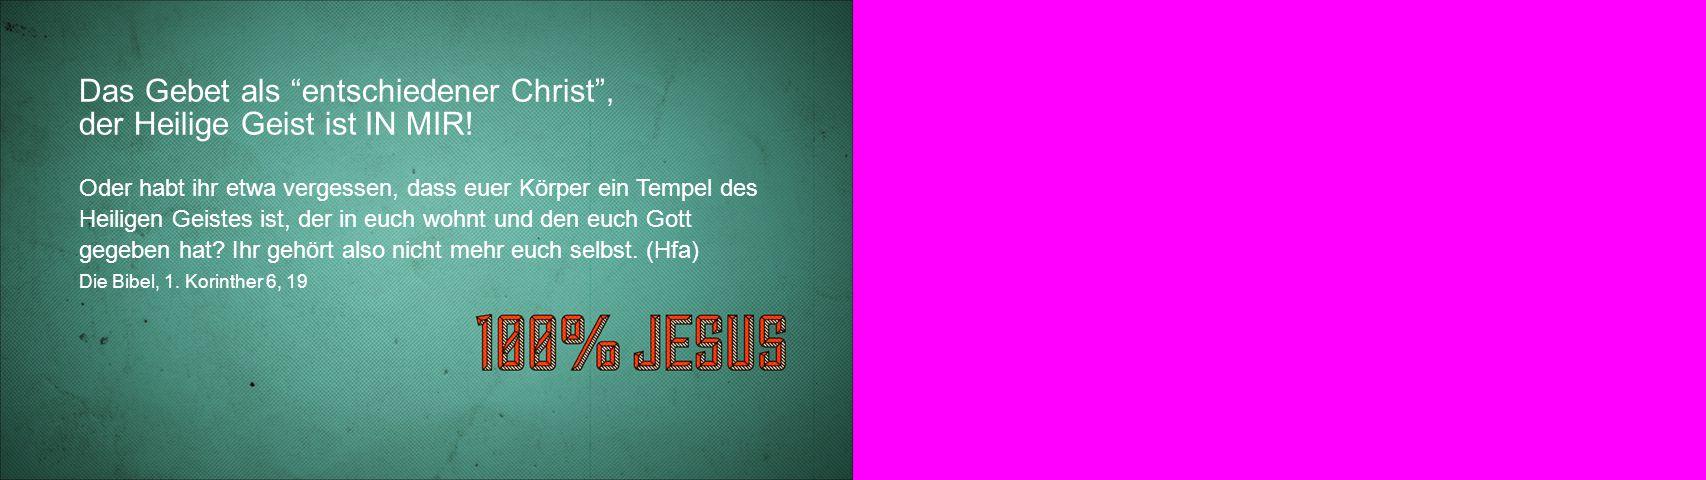 """Das Gebet als """"entschiedener Christ"""", der Heilige Geist ist IN MIR! Oder habt ihr etwa vergessen, dass euer Körper ein Tempel des Heiligen Geistes ist"""